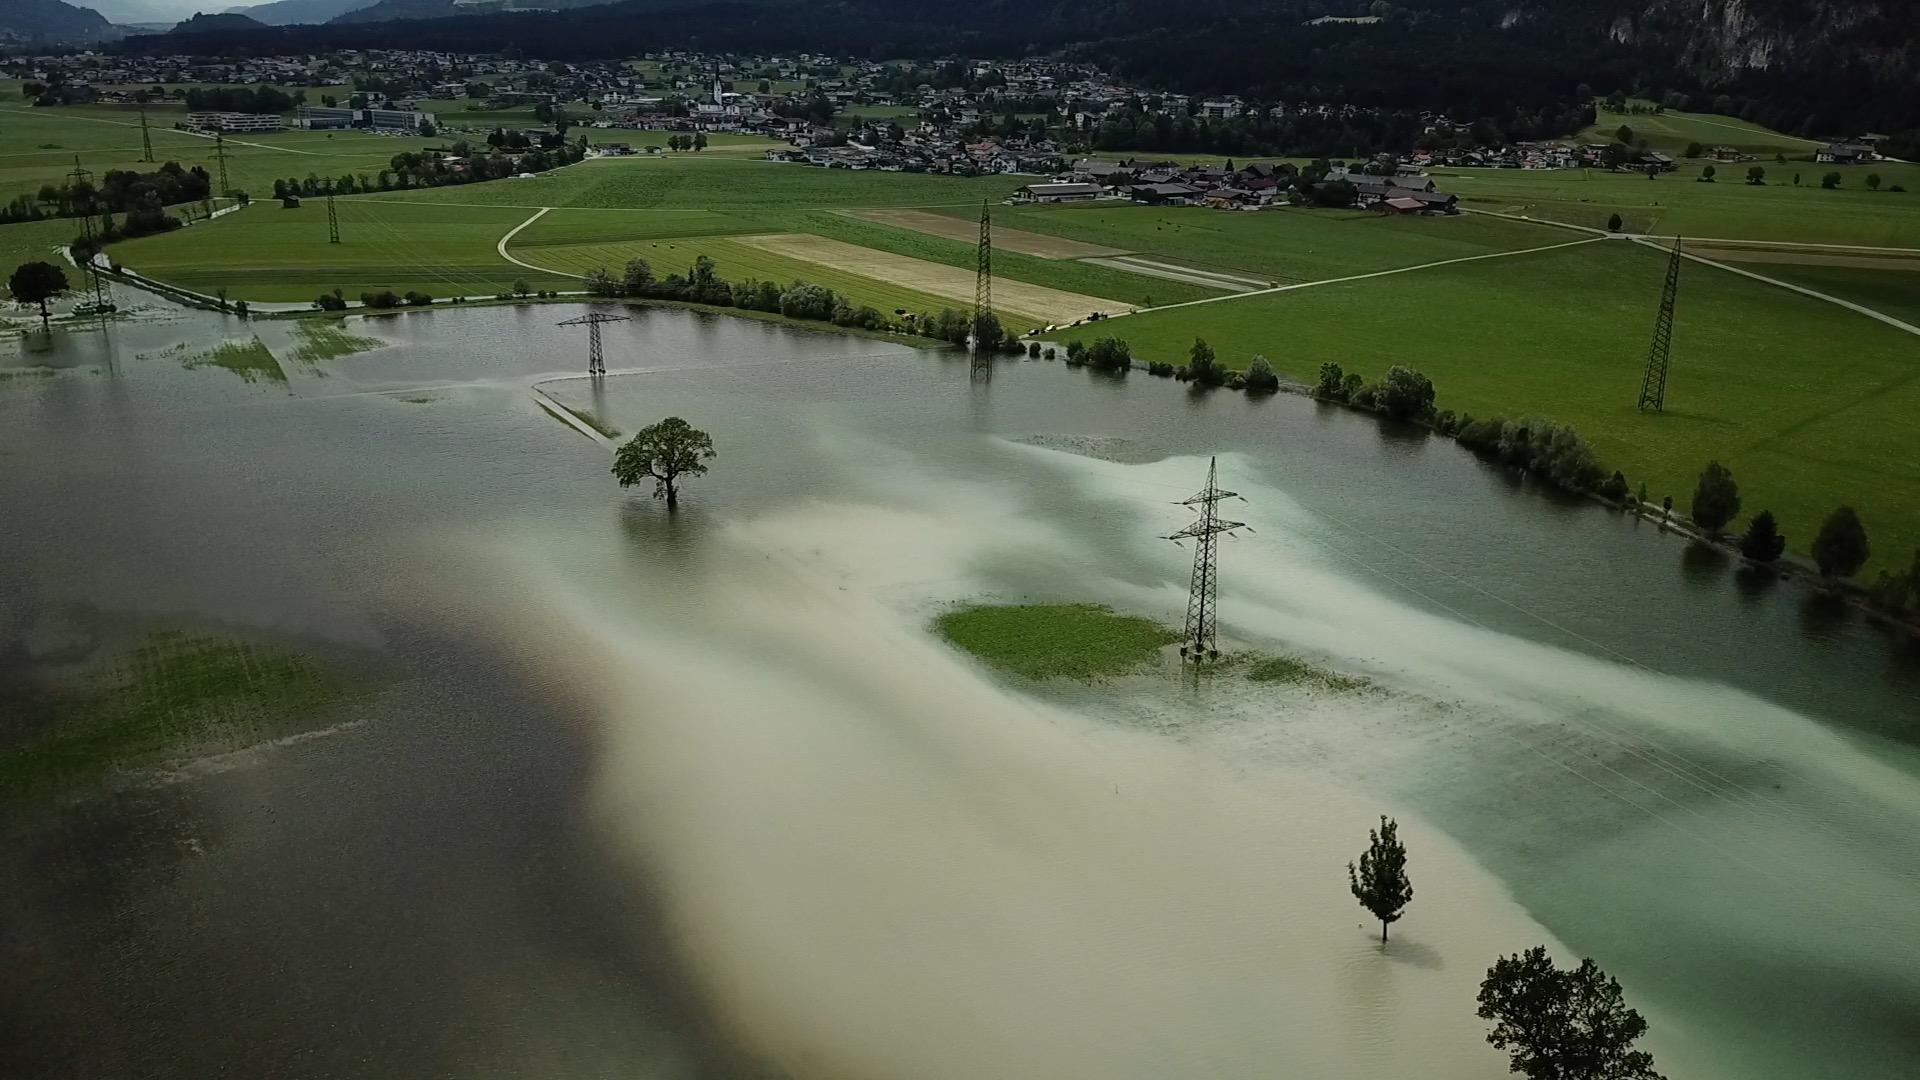 Wir fassen zusammen: Hochwasser in Tirol